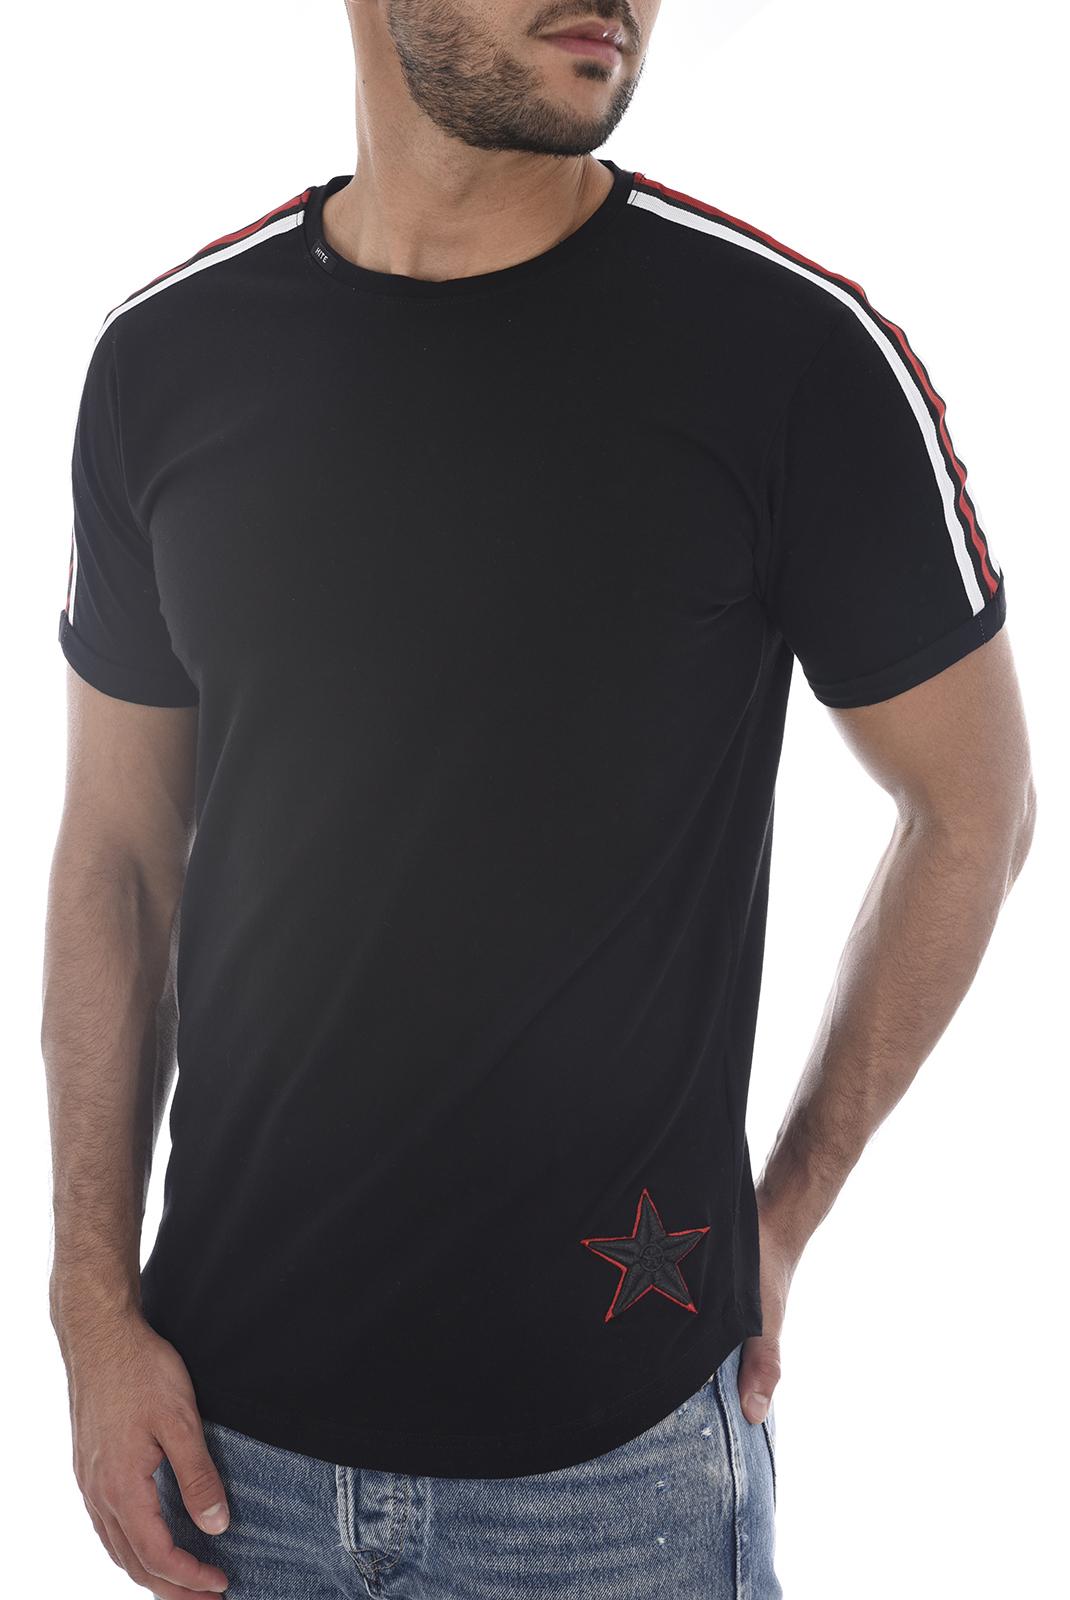 Tee-shirts  Hite couture MOPORER NOIR